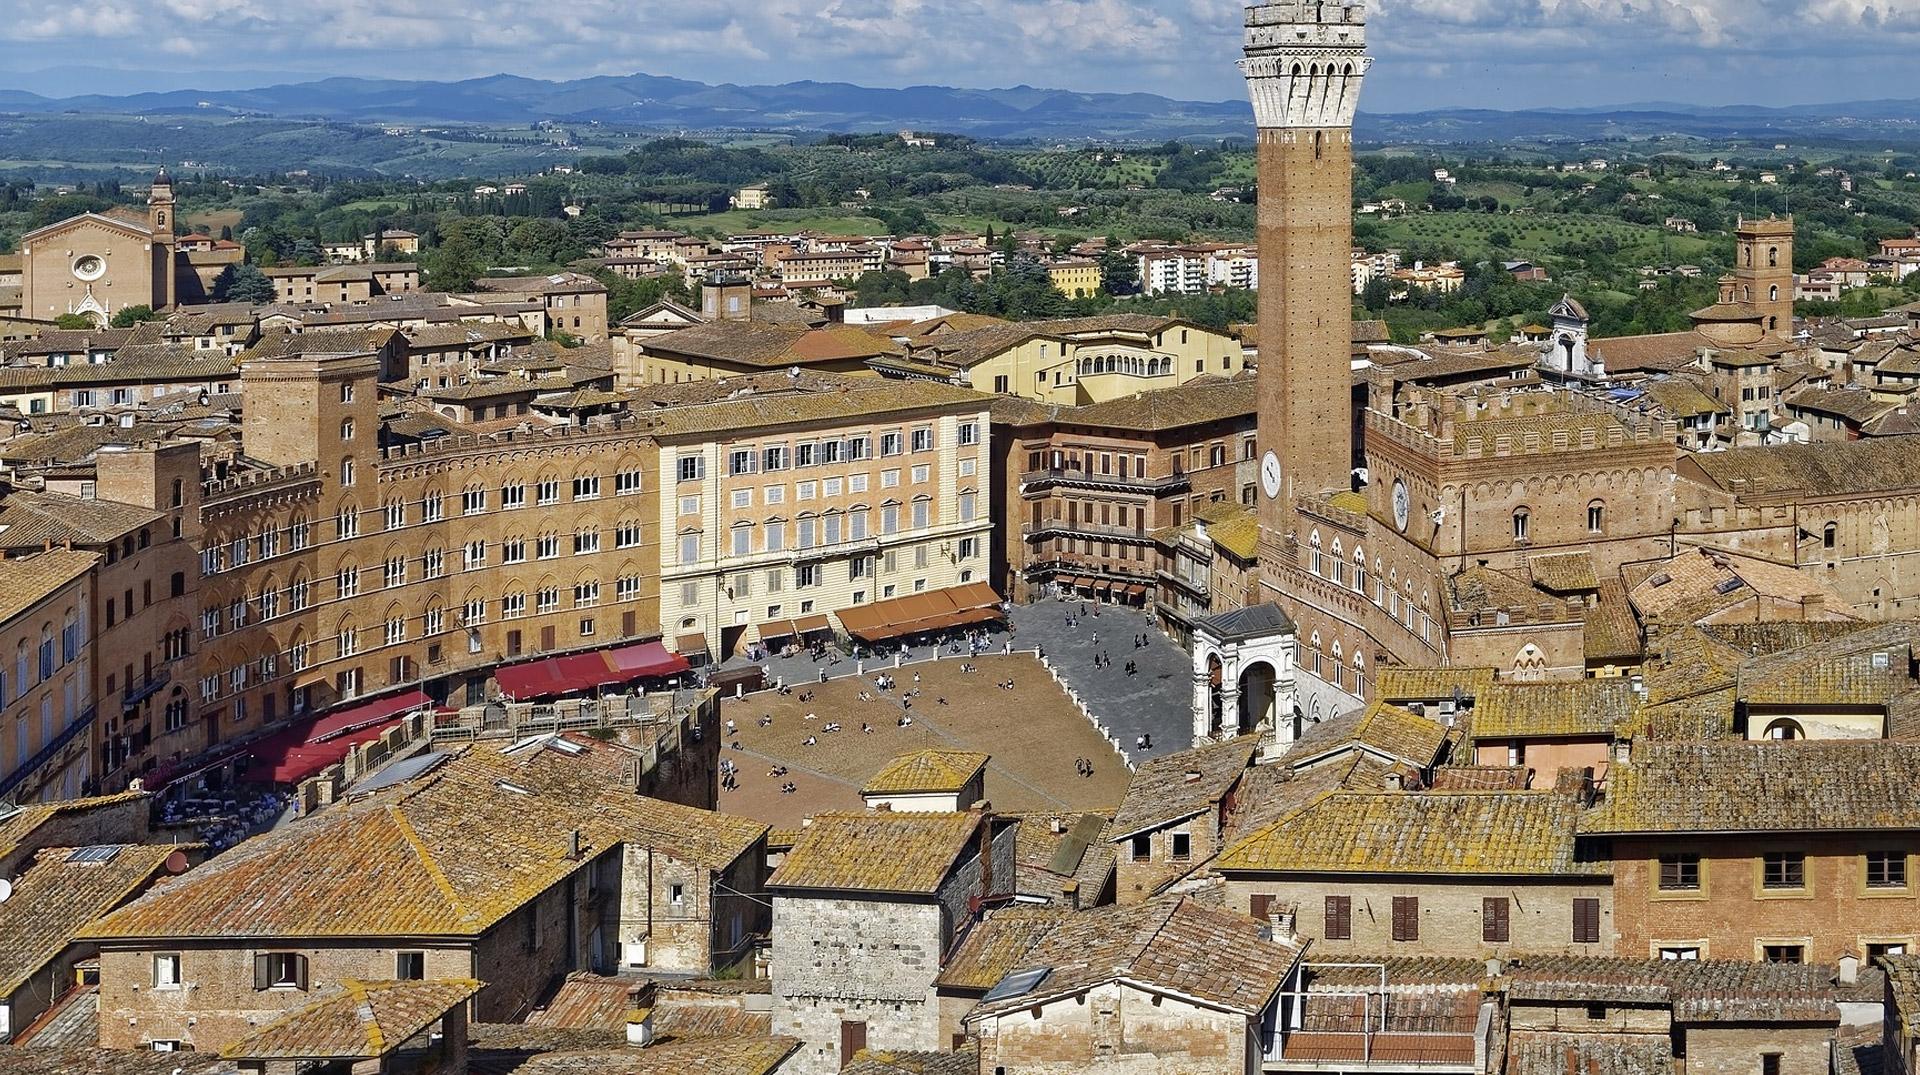 Panificio Il Magnifico Siena